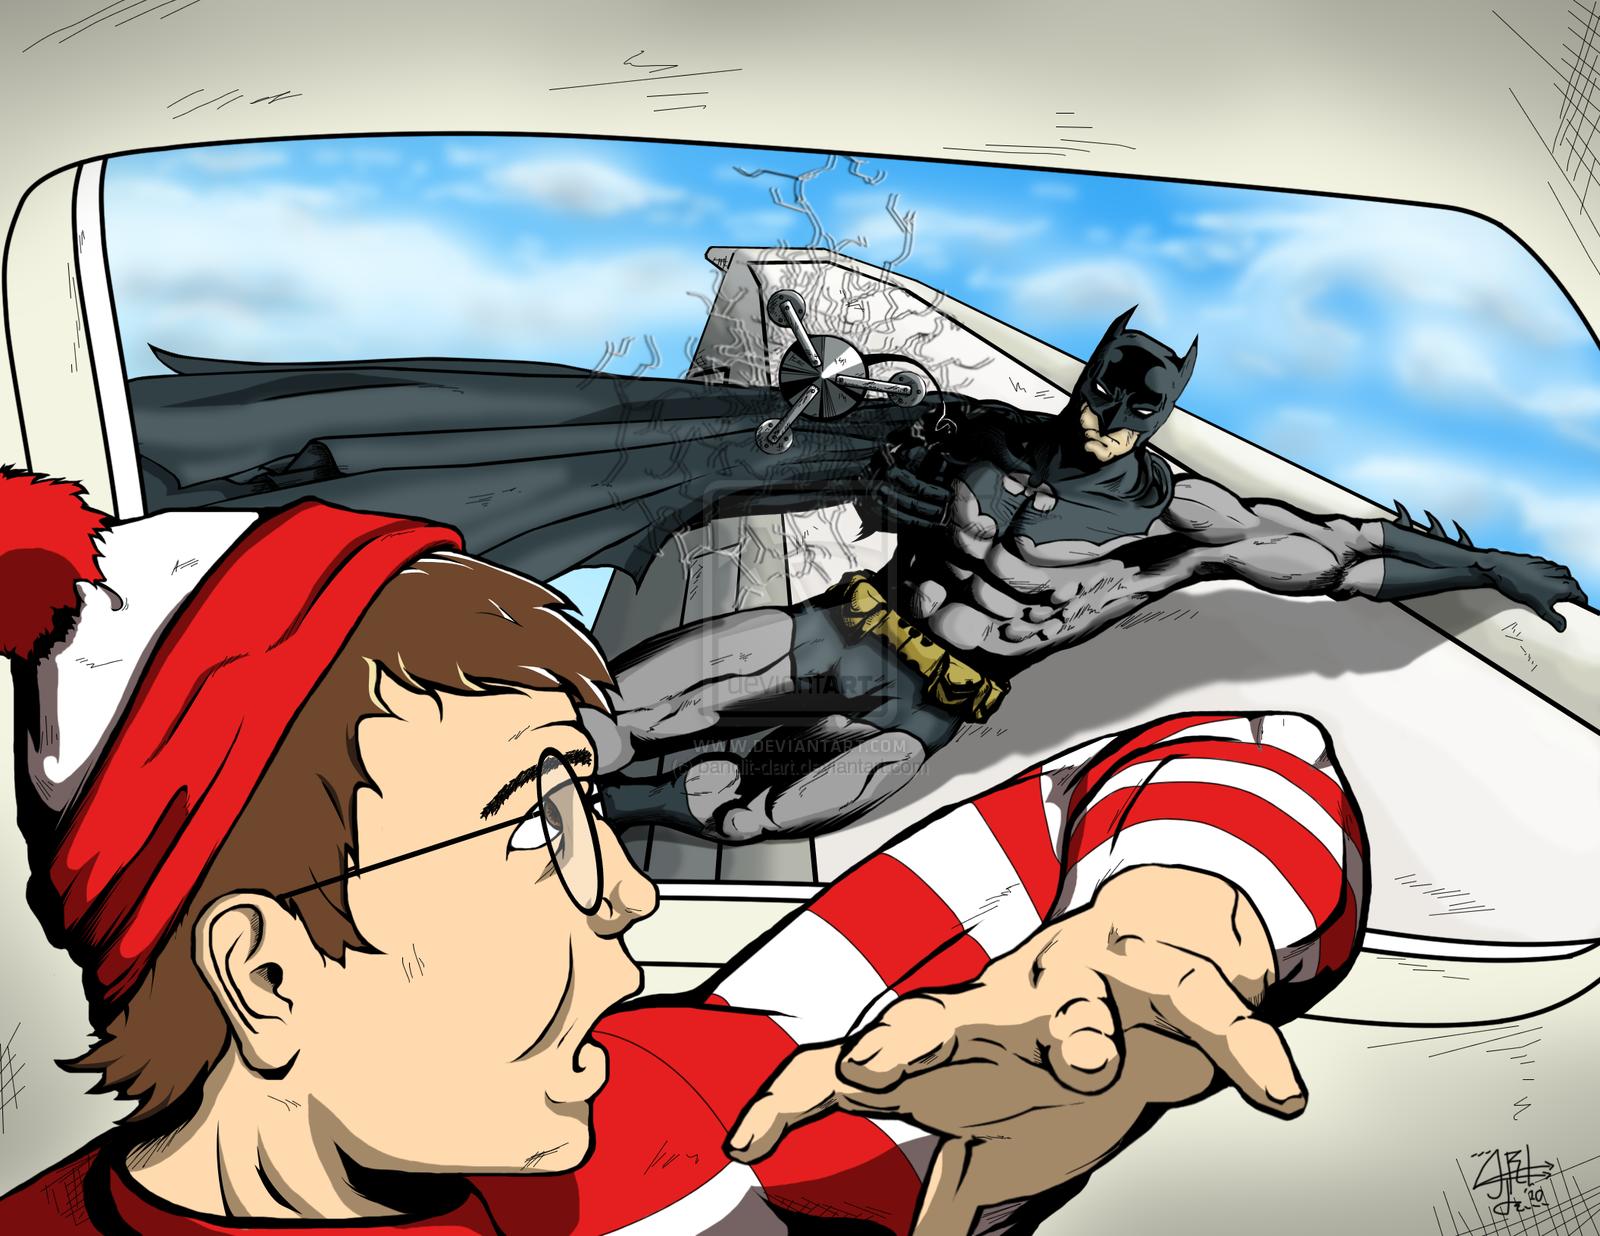 Batman found Waldo